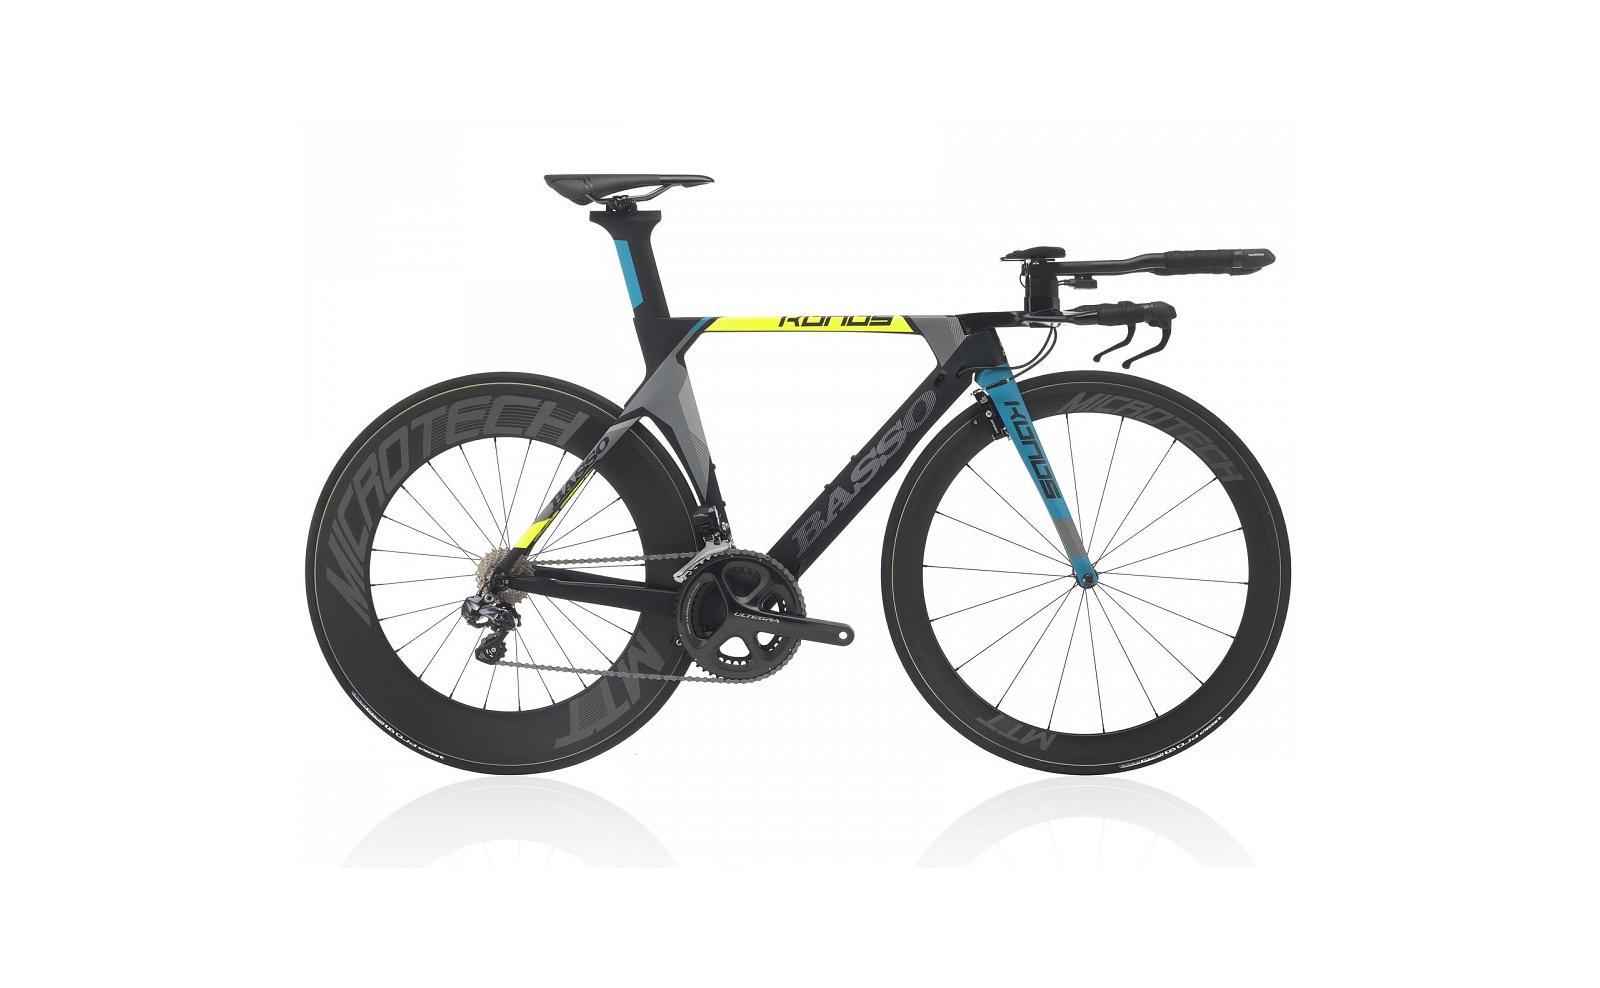 Tolle Wie Groß Fahrradrahmen Zeitgenössisch - Benutzerdefinierte ...